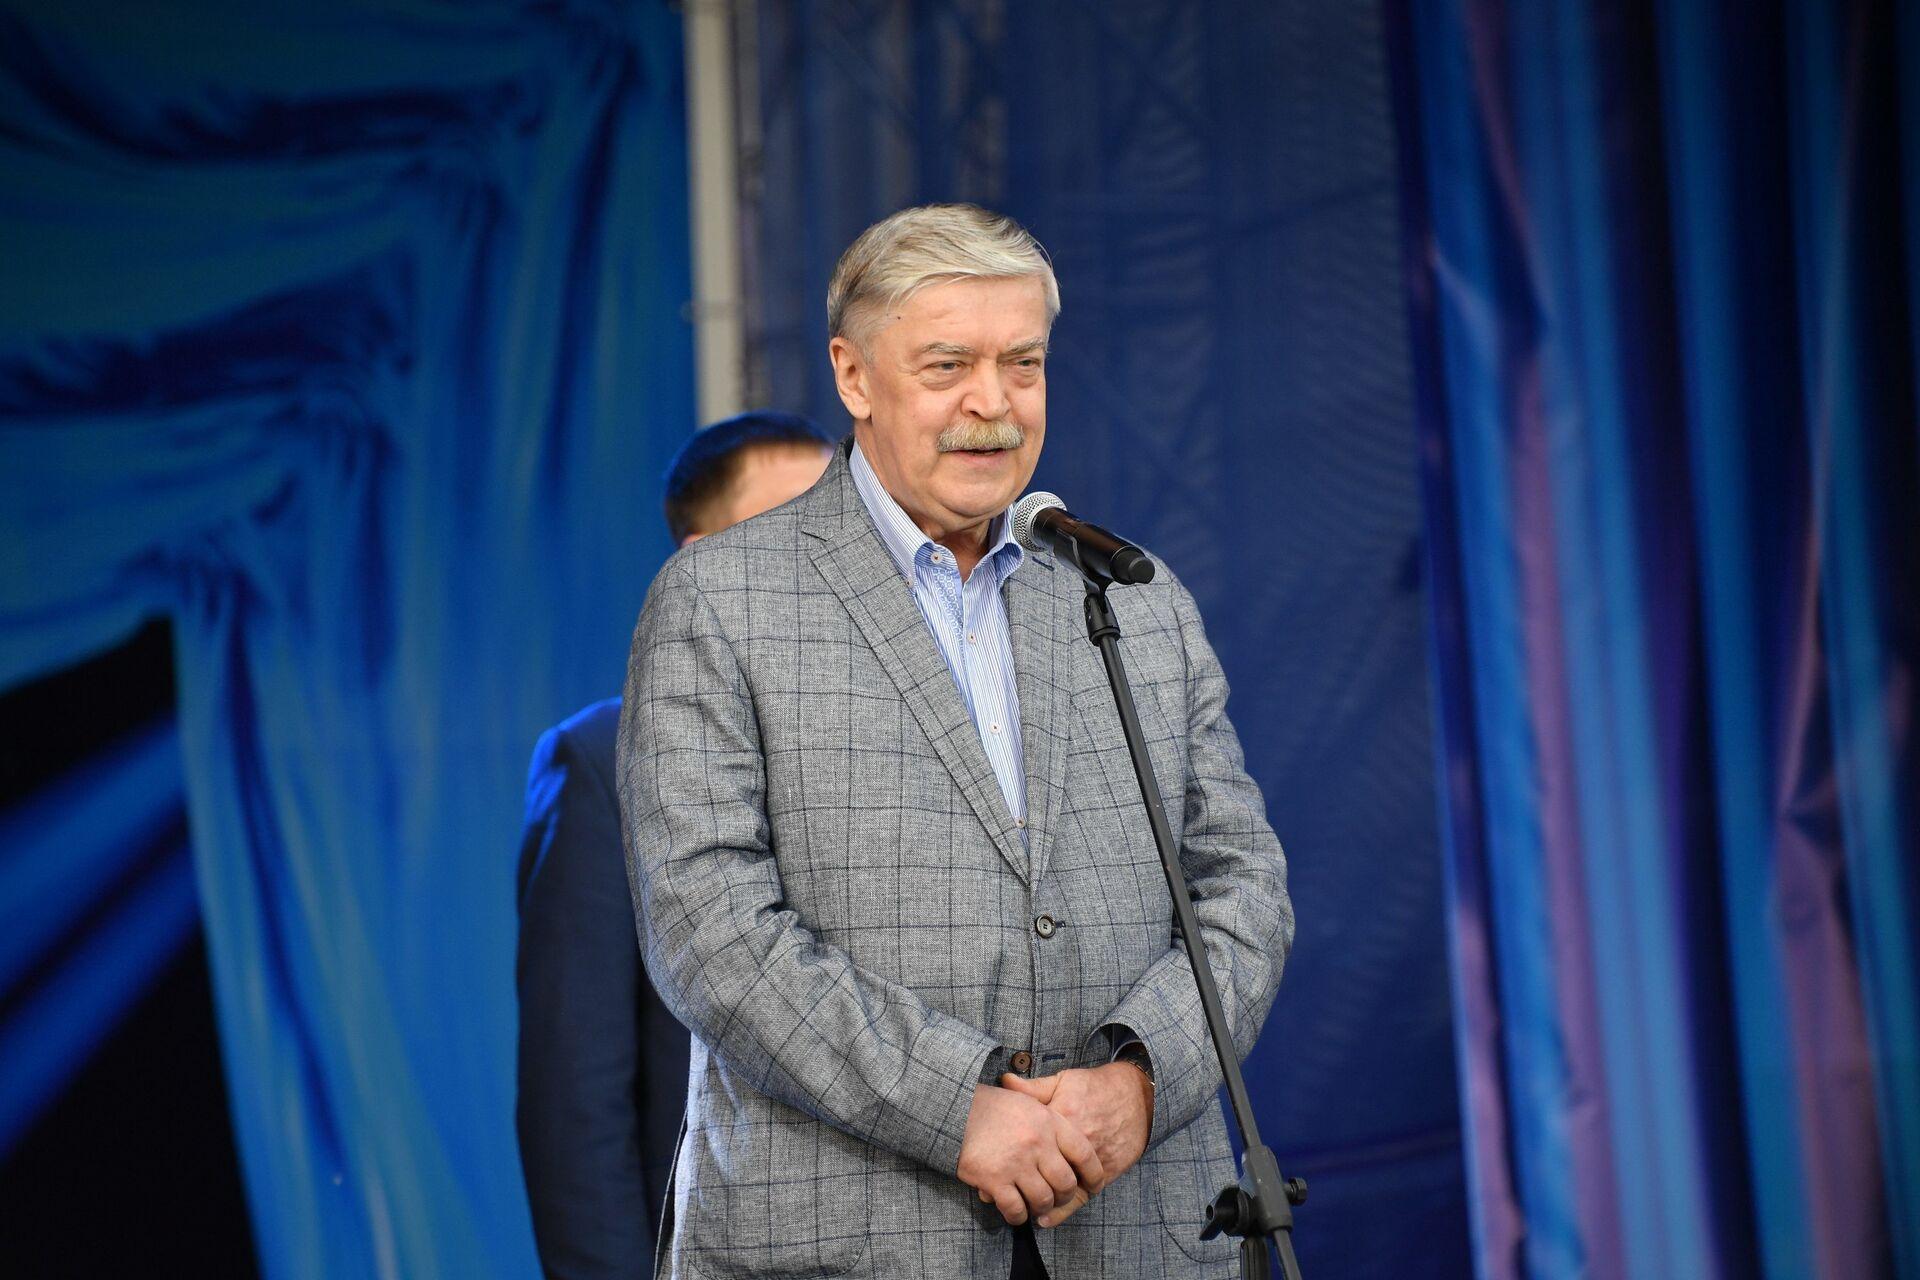 Посол России в Беларуси Евгений Лукьянов - Sputnik Беларусь, 1920, 29.06.2021